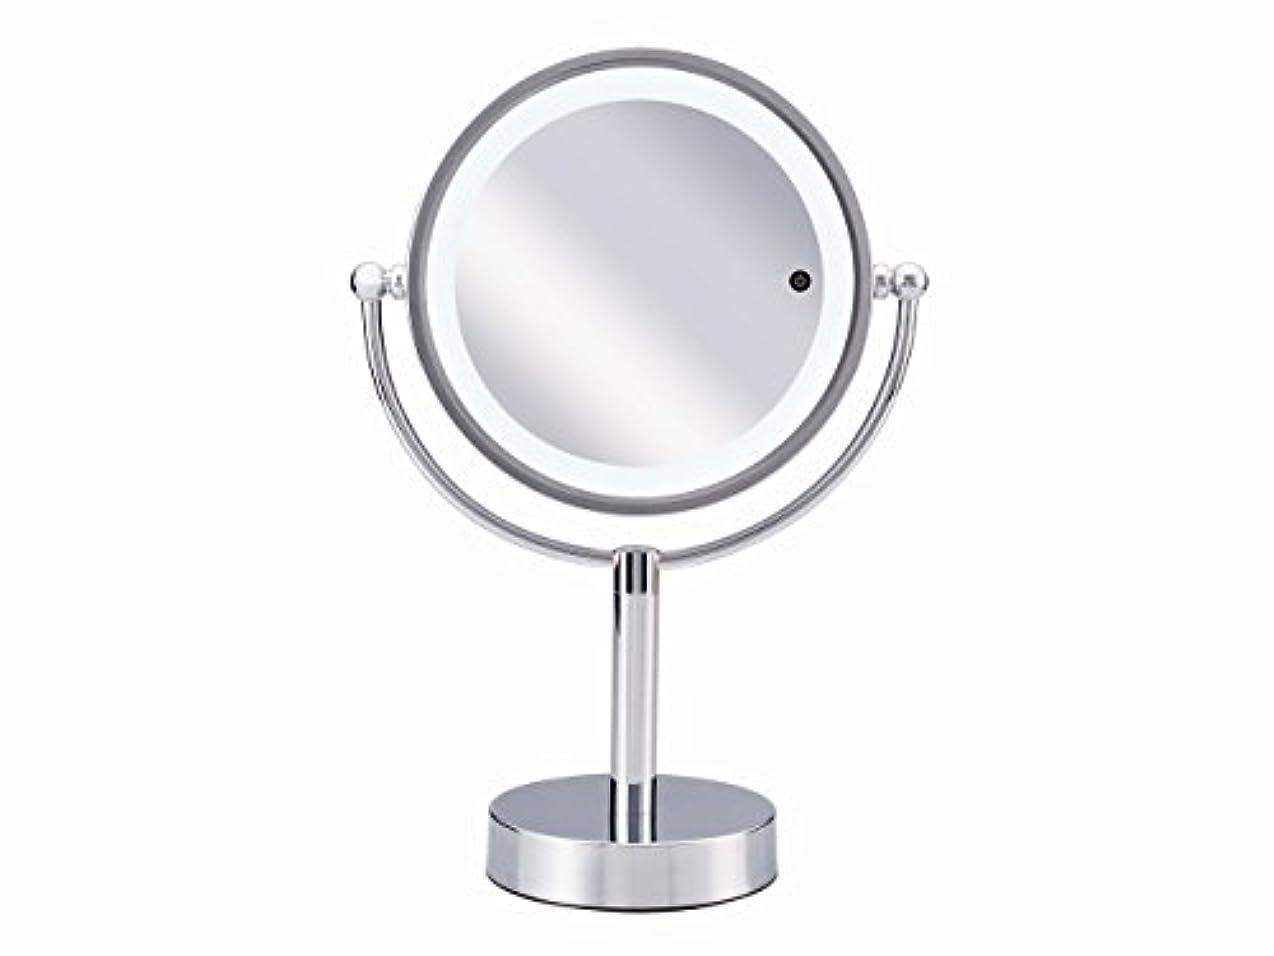 事務所心理的に振動するコイズミ 拡大鏡 シルバー KBE-3090/S